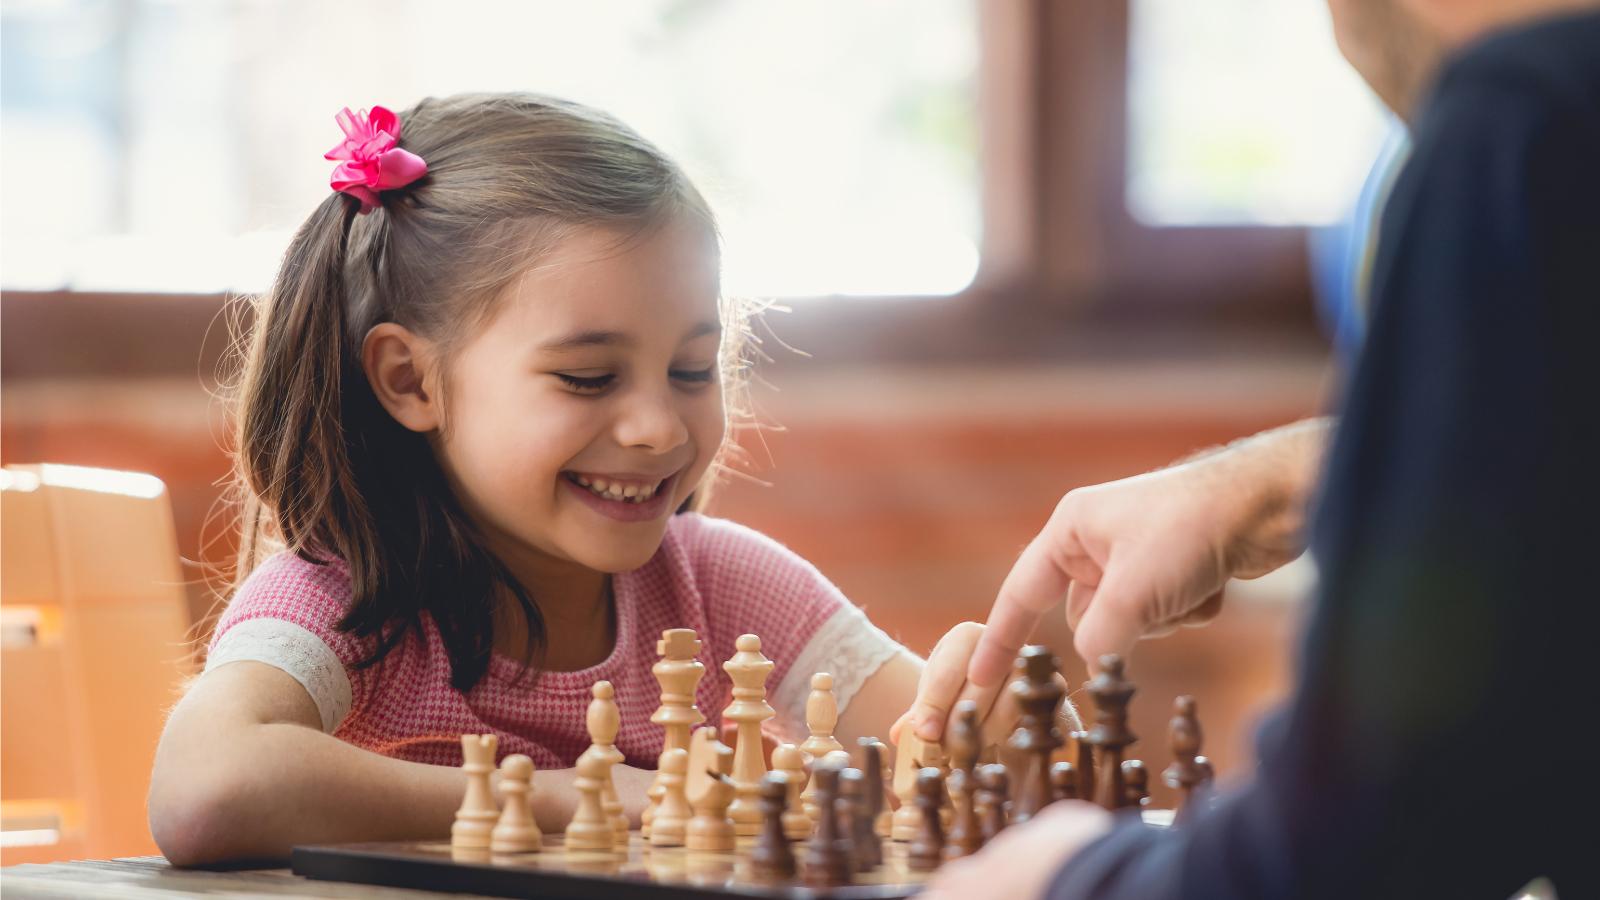 Положительные эмоции от игры и победы —важная составляющая как в обучении, так и при разработке фирменного стиля.